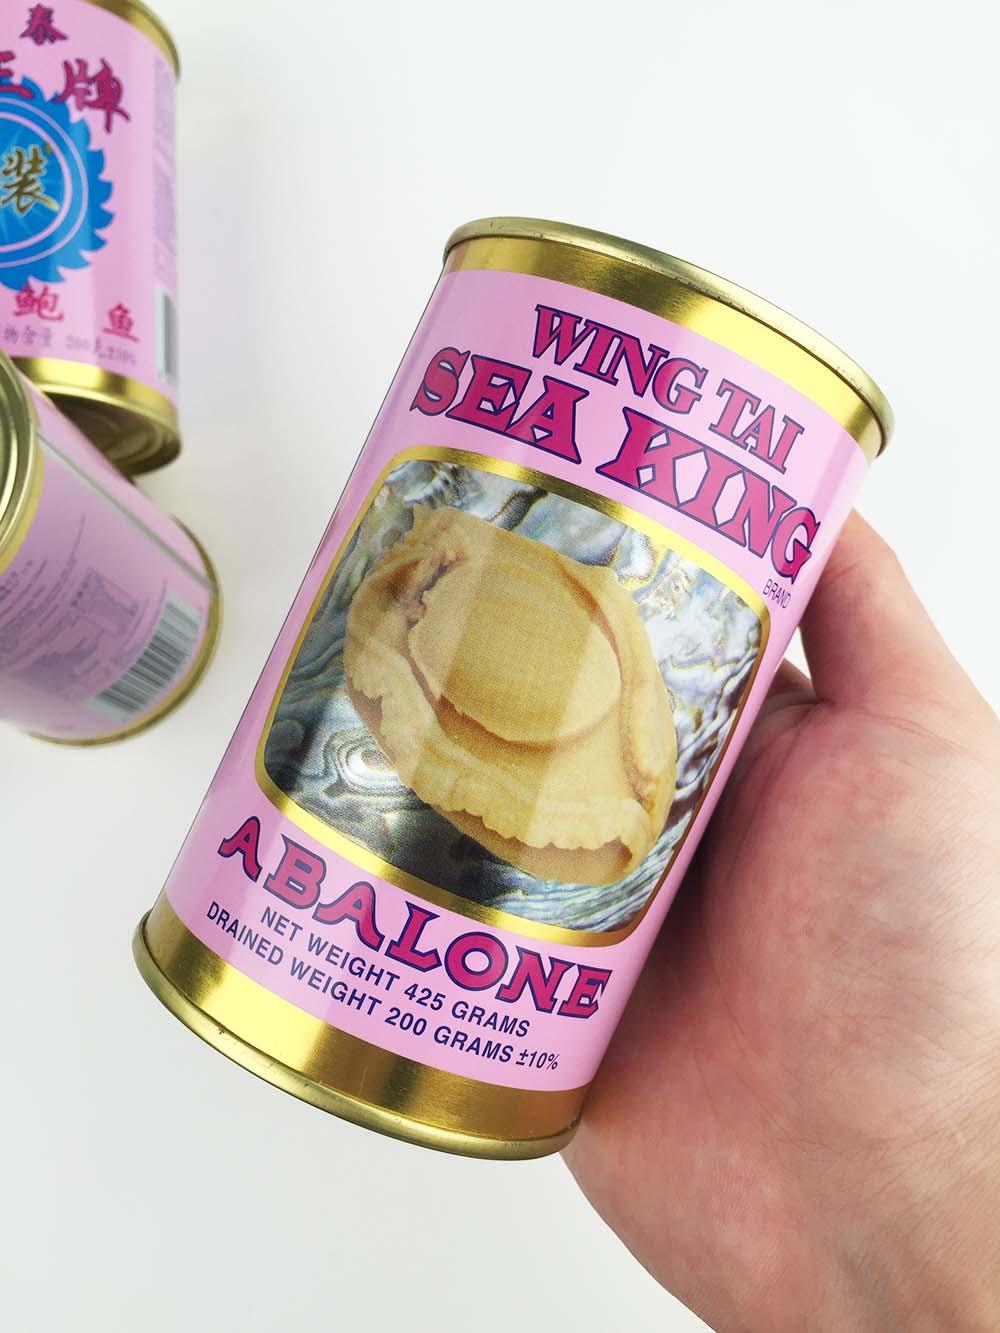 香港永泰海王牌 清汤鲍鱼罐头 海关罚没货 海关扣货 华泽贸易